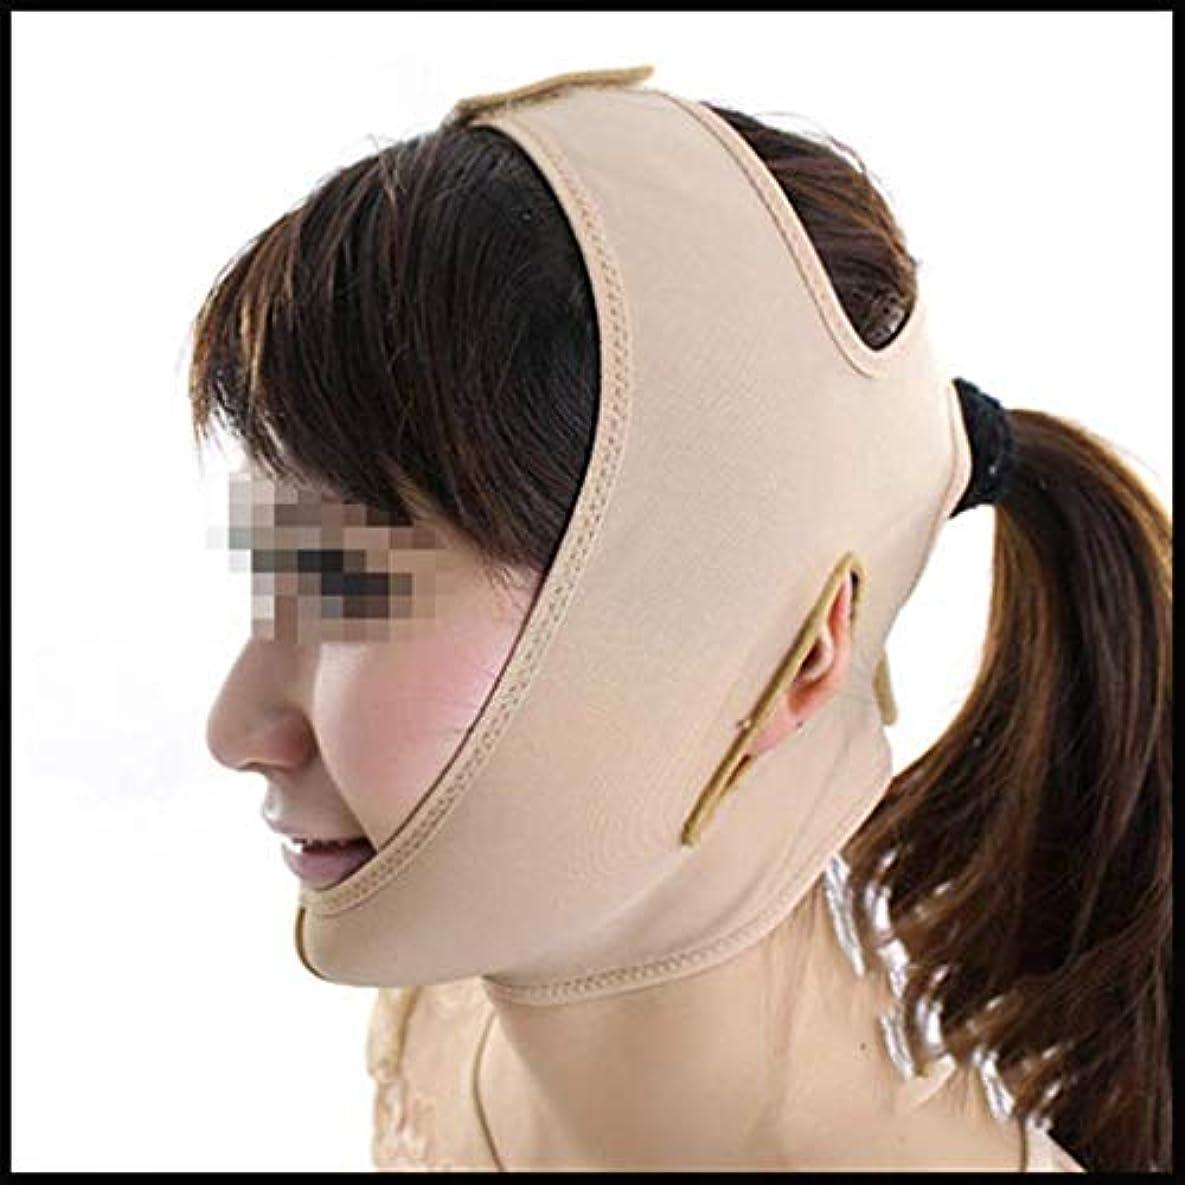 屋内製作手段フェイスリフティングバンデージ、薄いフェイスマスク薄い咬筋マッスルチンスリープフェイスリフティングフェイス付きの薄いフェイスVフェイス薄いフェイスマスク(サイズ:L)